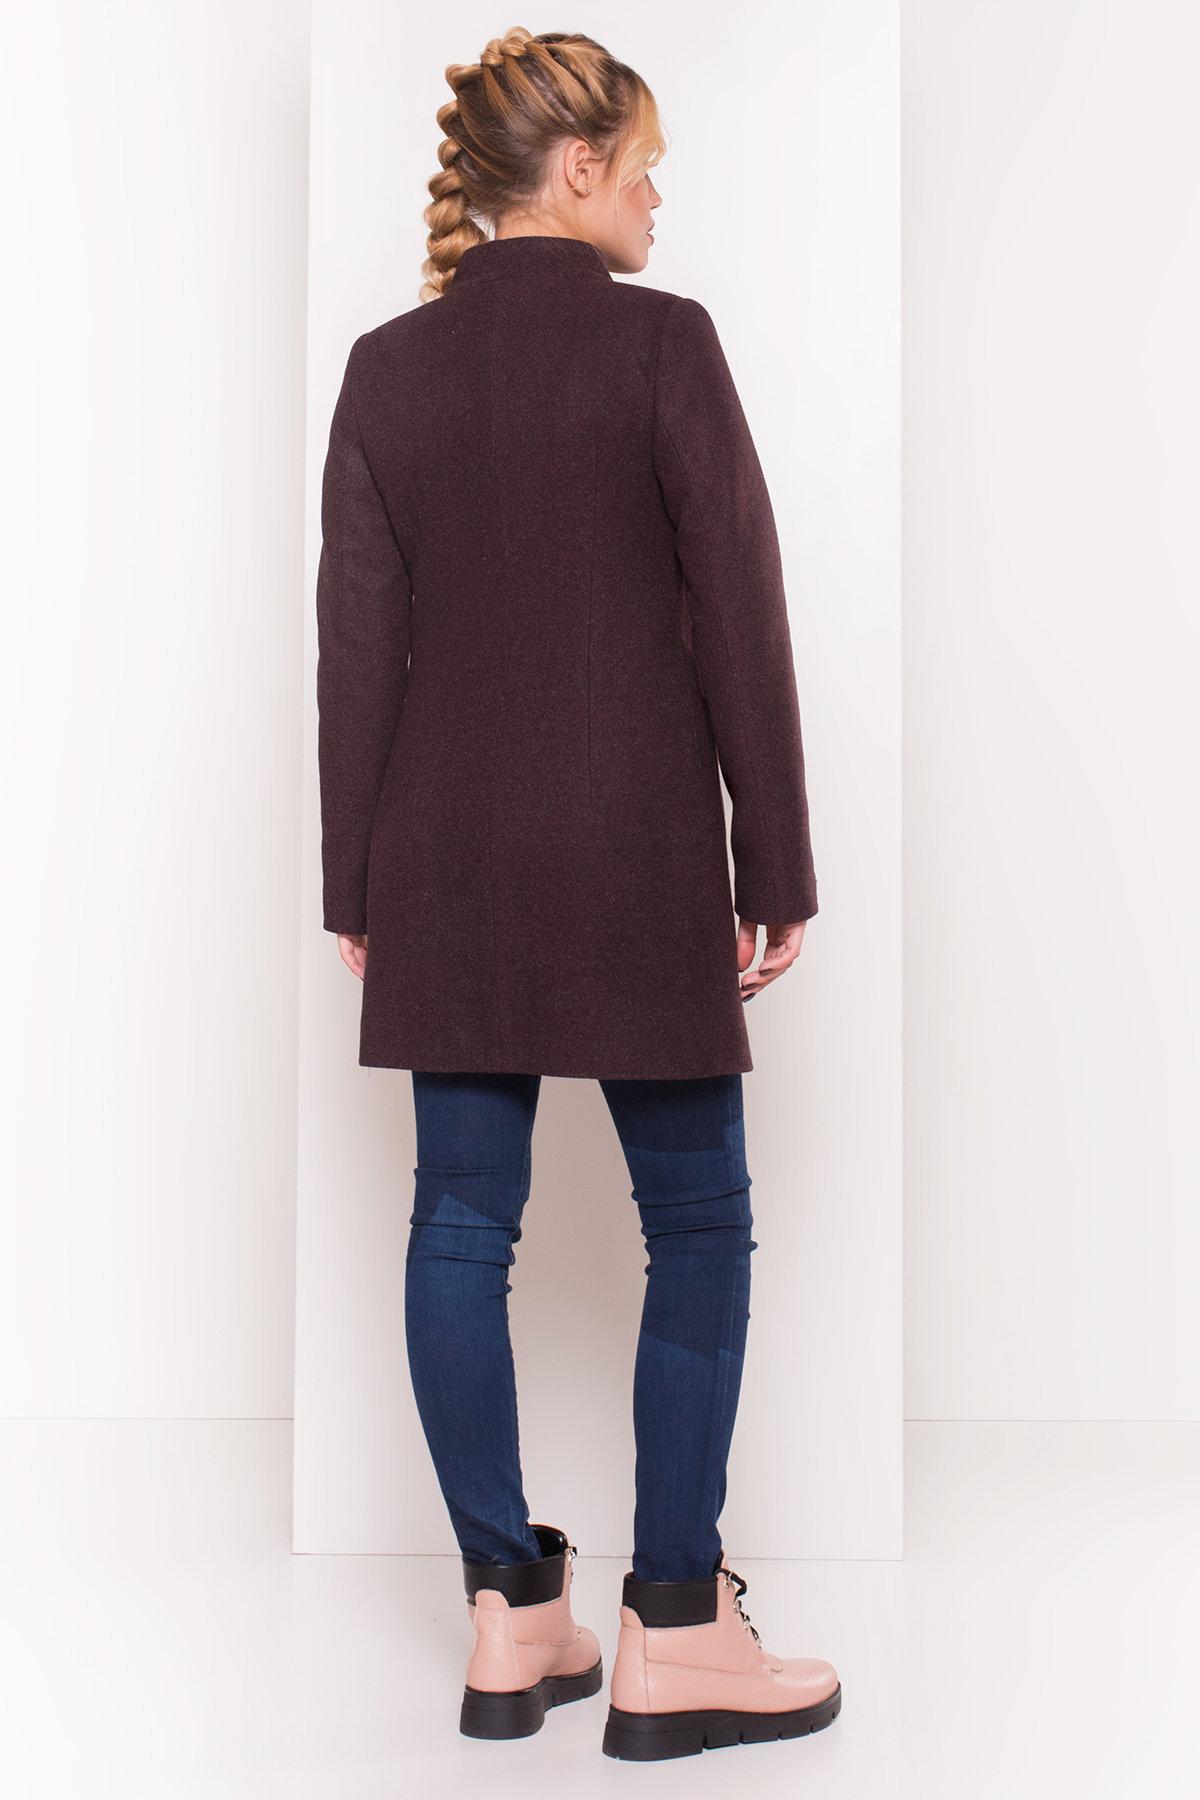 Пальто зима с хомутом Мелини 5644 АРТ. 38236 Цвет: Марсала 5 - фото 2, интернет магазин tm-modus.ru